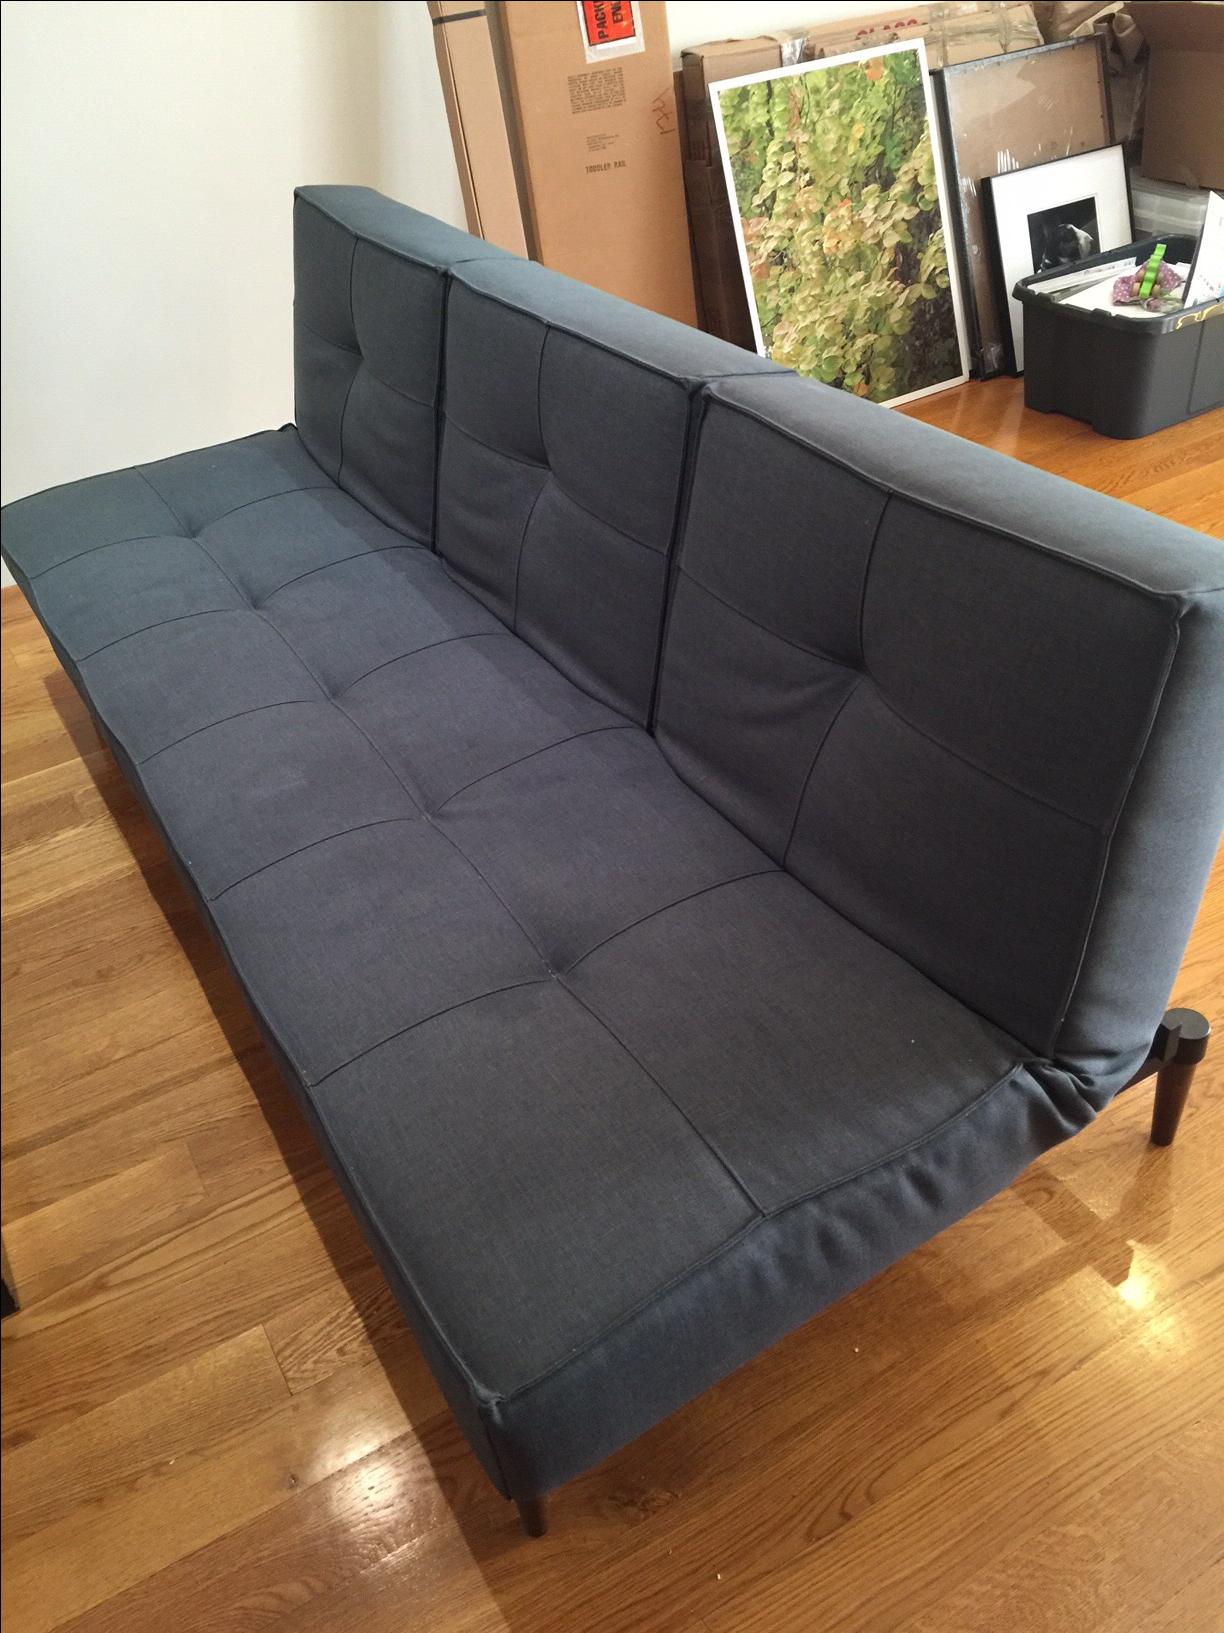 Good Room U0026 Board Eden Convertible Sleeper Sofa   Image 5 ...